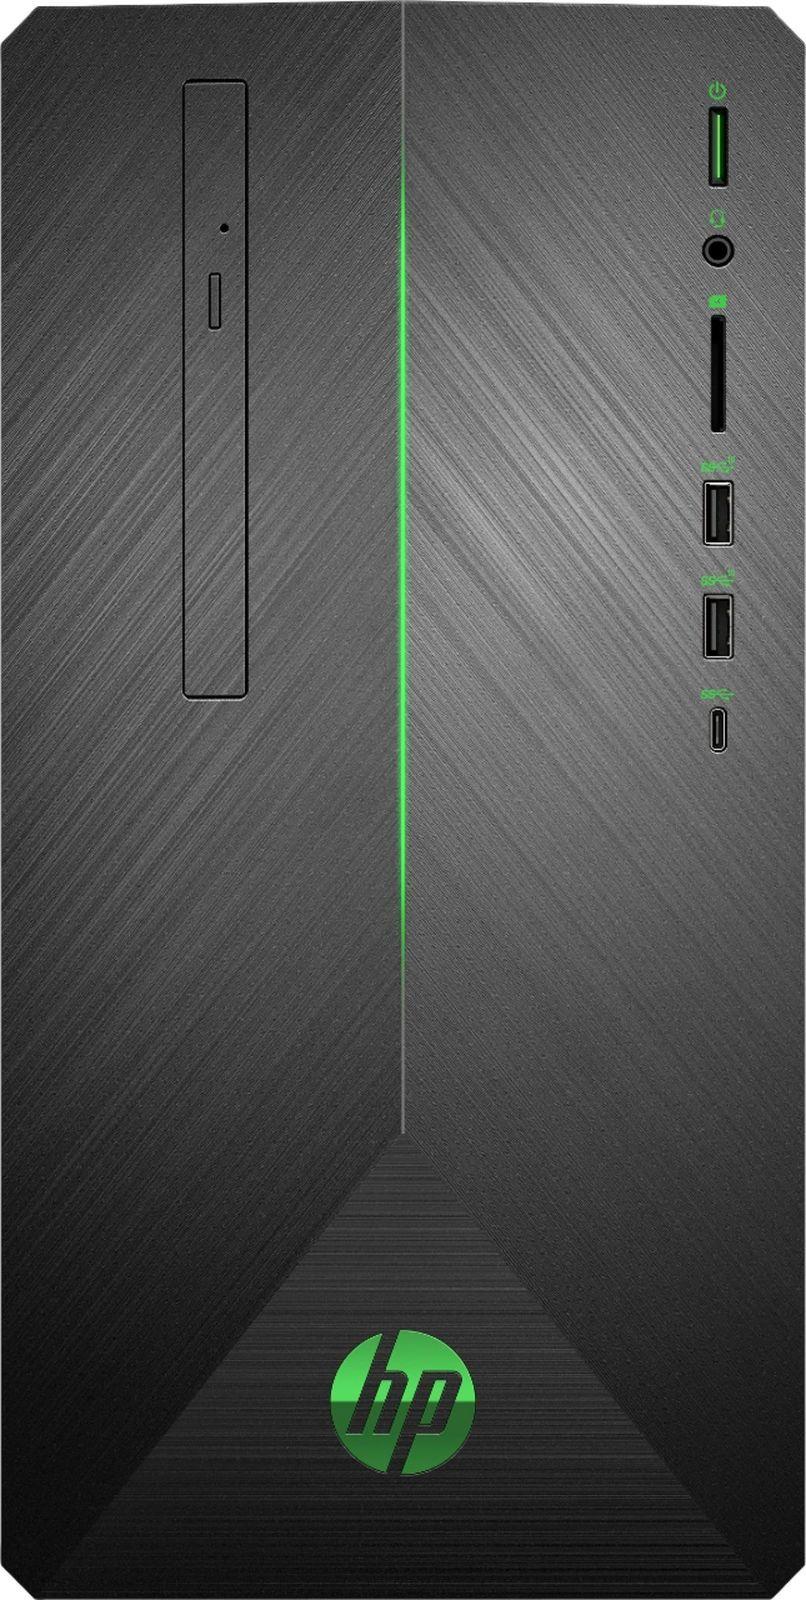 HP Pavilion Desktop Ryzen 5 2400G 8GB DDR4 1TB HDD 128GB